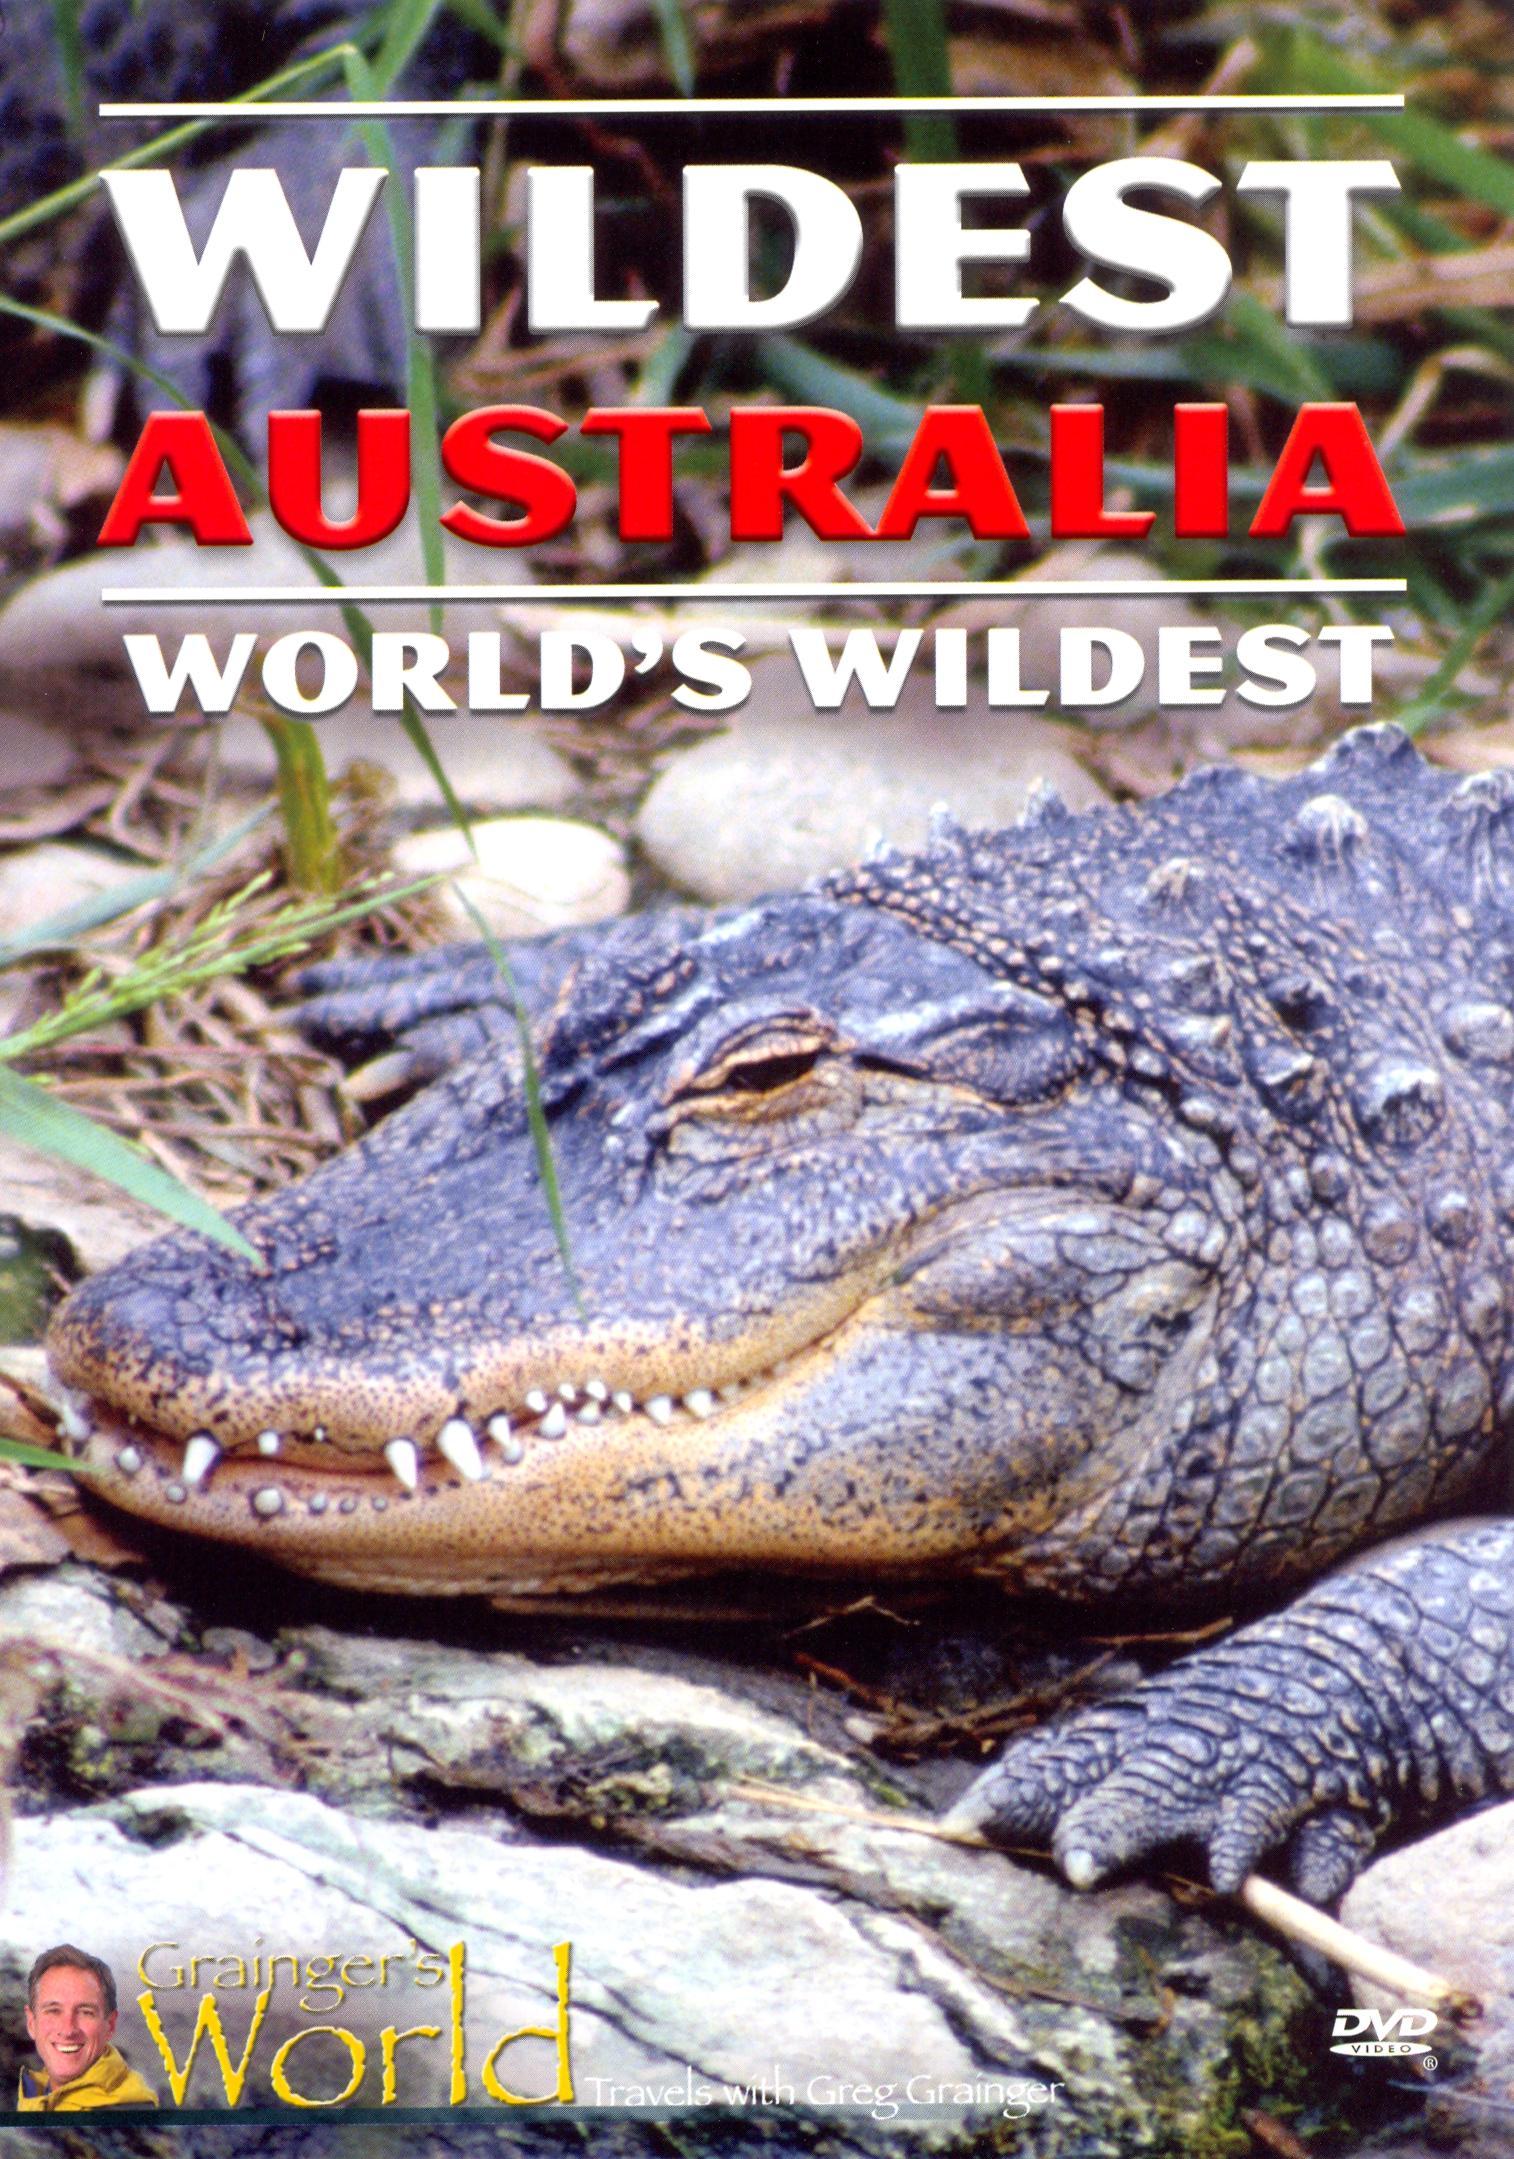 Wildest Australia (2005)